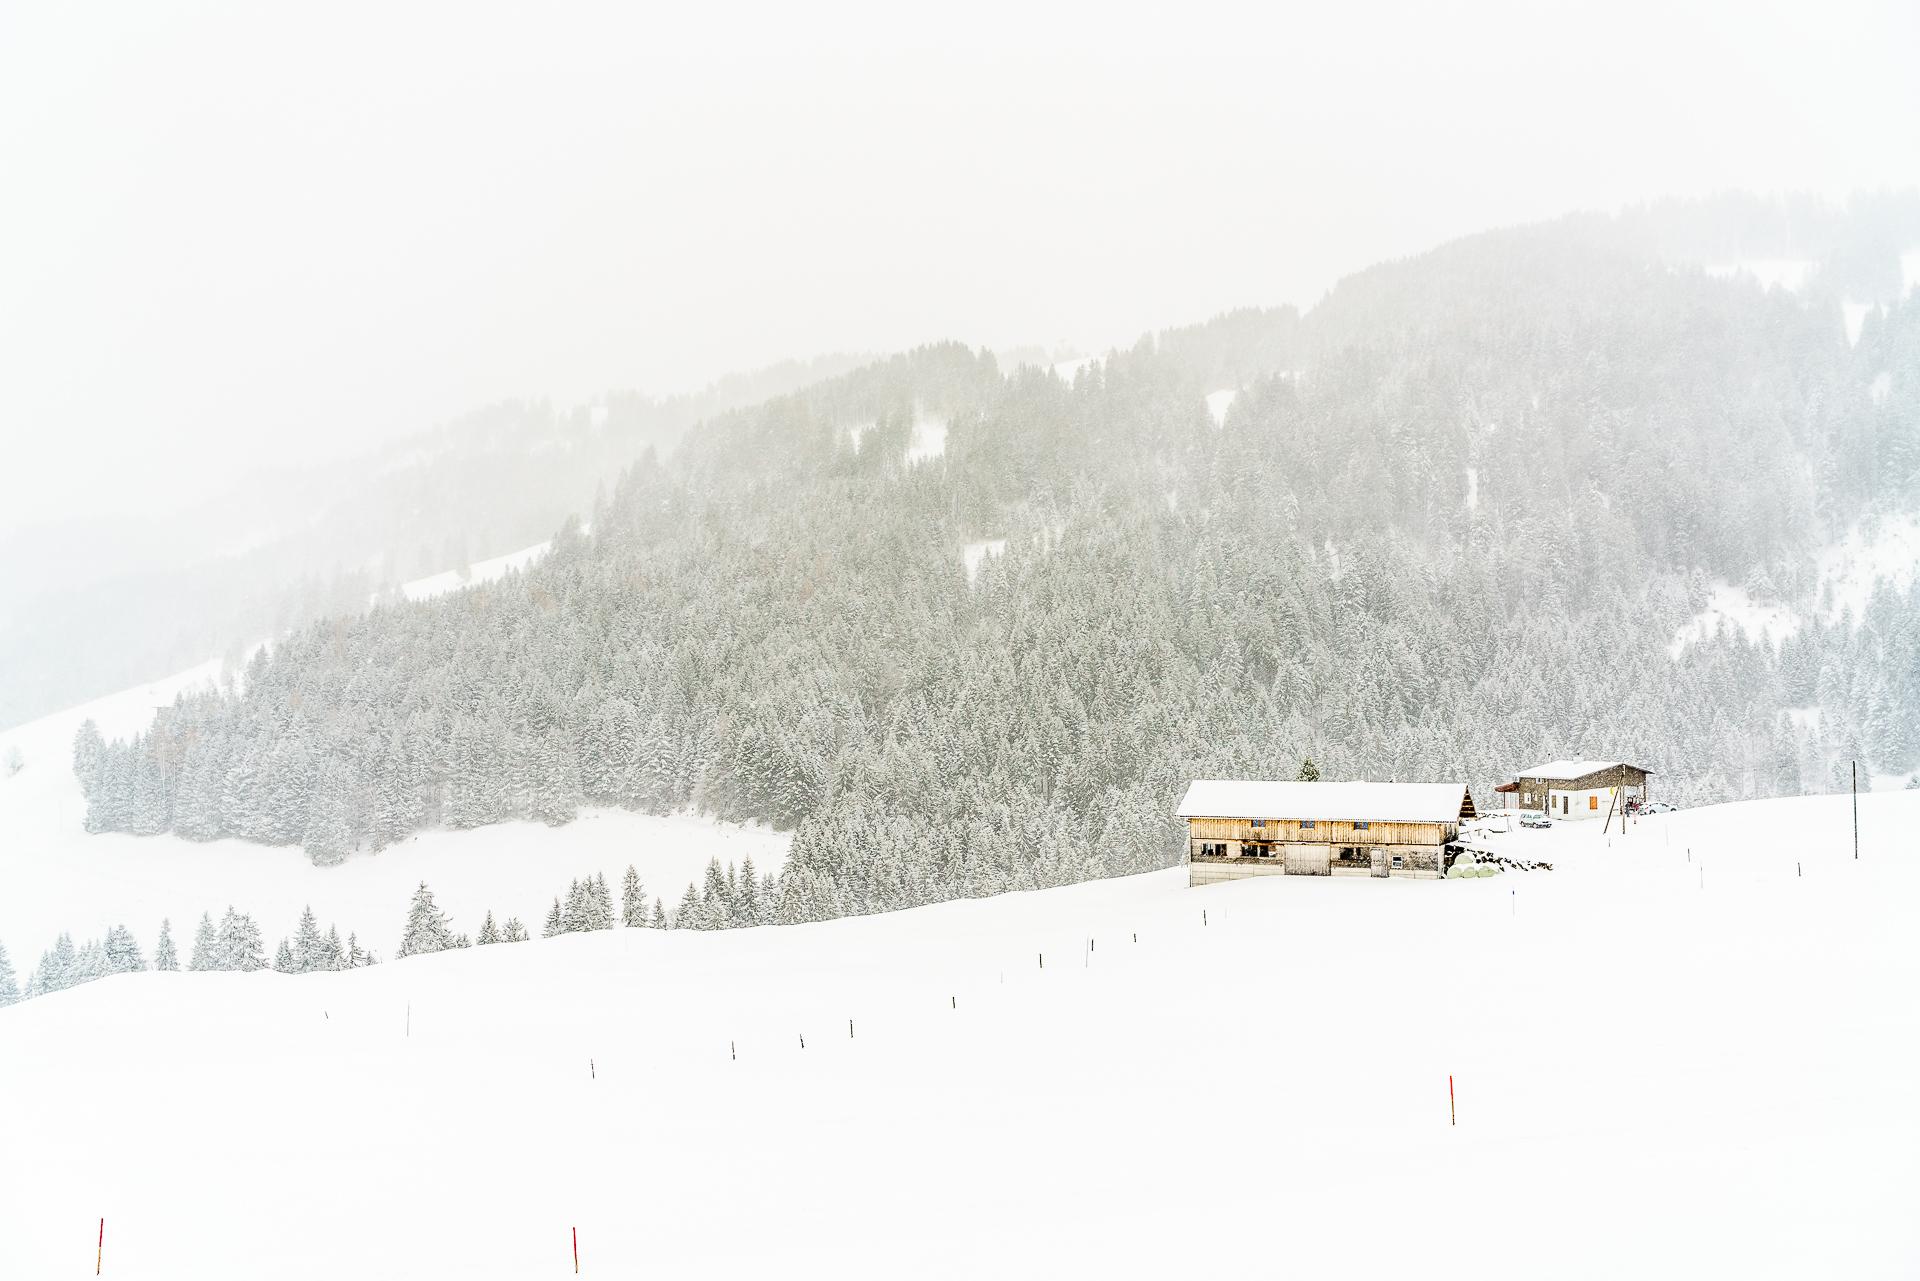 Wirzweli-Winterwanderung